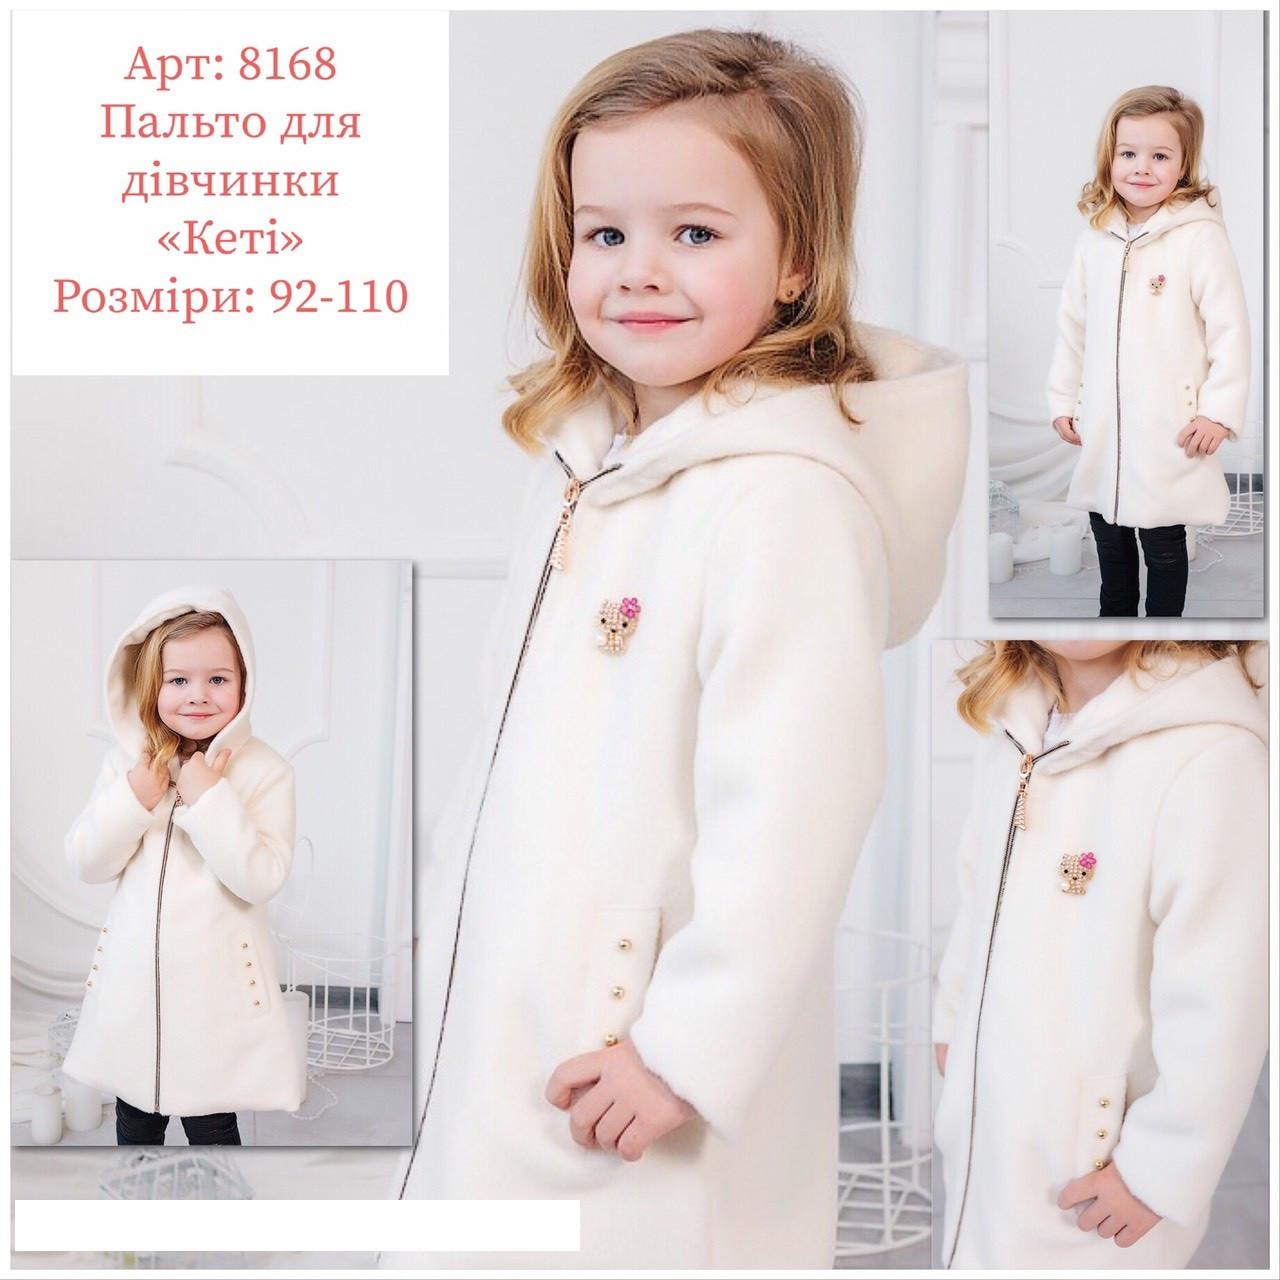 Пальто детское, демисезонное, кашемировое для девочки Кети, размеры 92-110